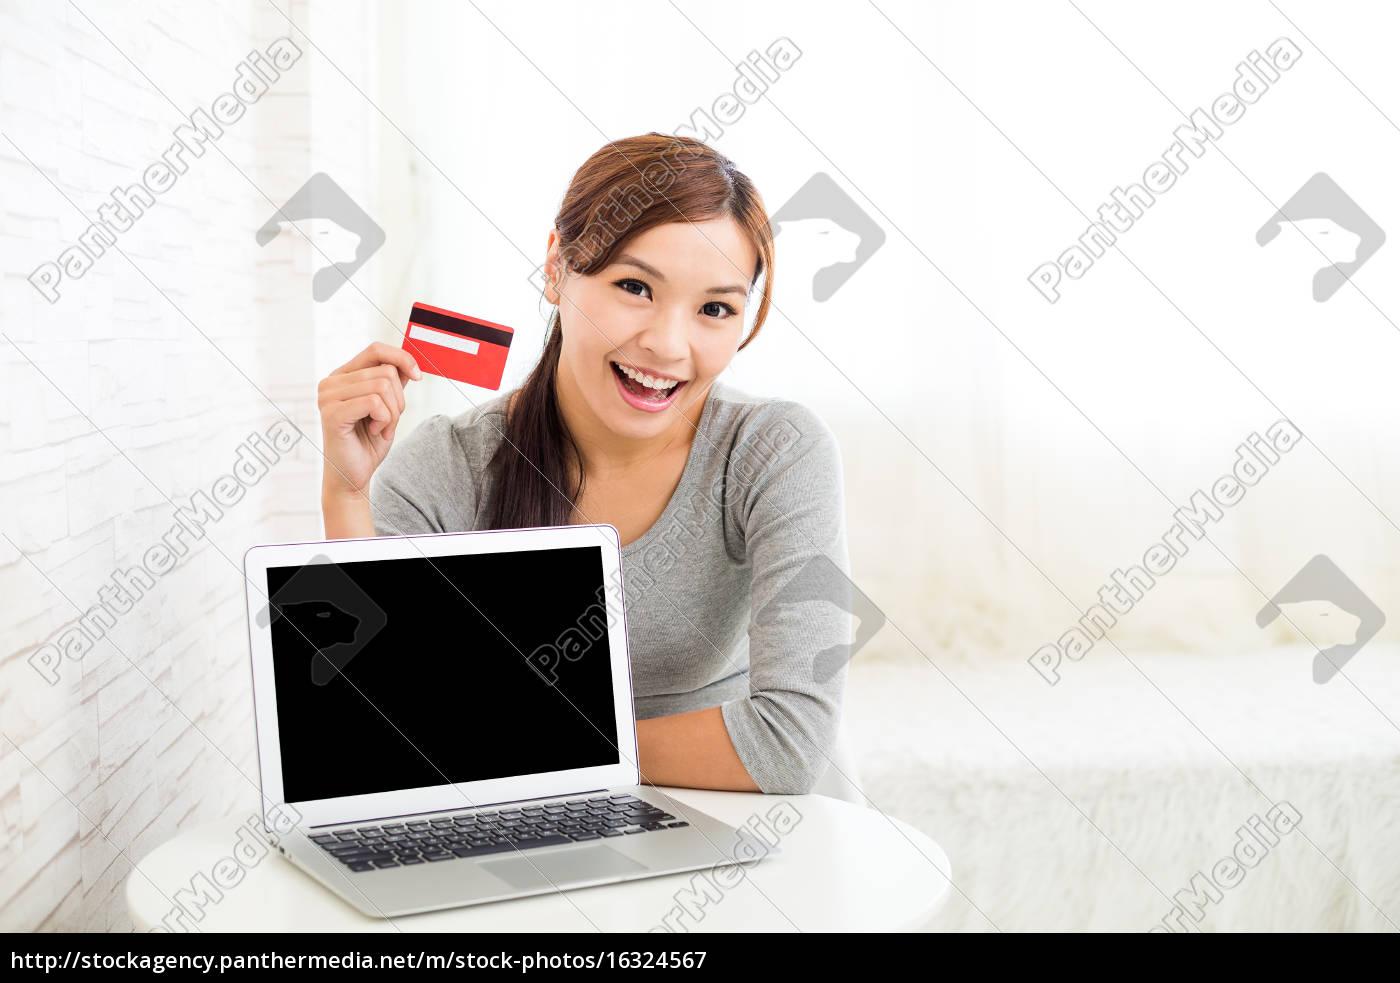 mulher, segurando, cartão, de, crédito, para - 16324567